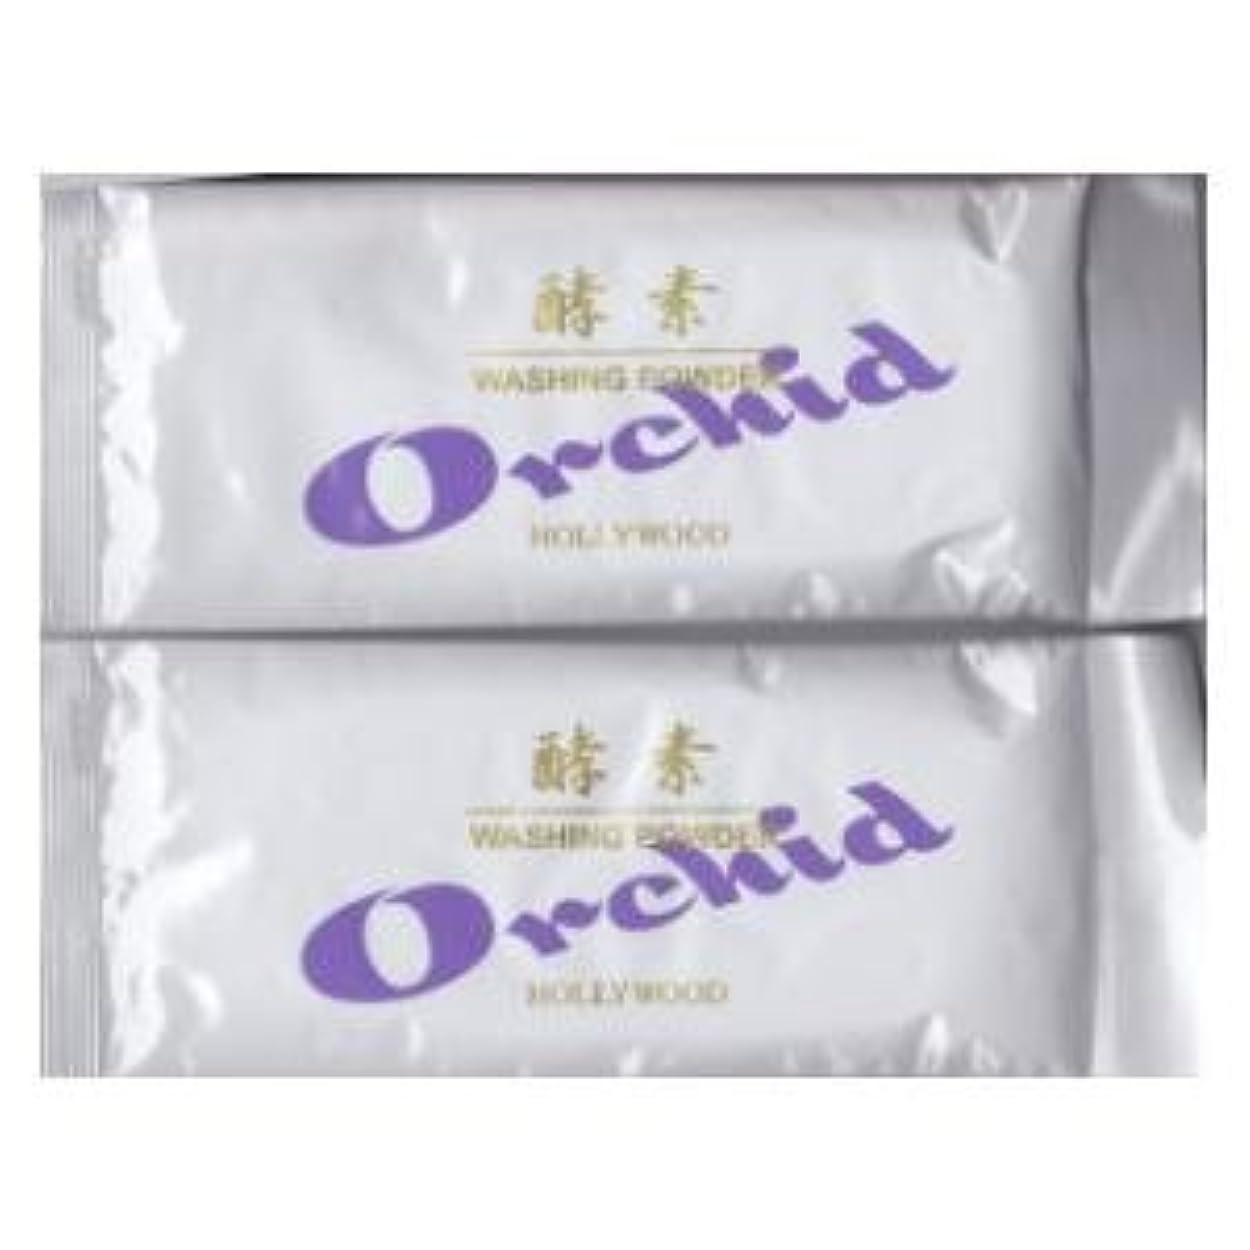 実業家凍った緩めるハリウッド化粧品 オーキッド 洗顔パウダー 詰替え用 26g×2袋